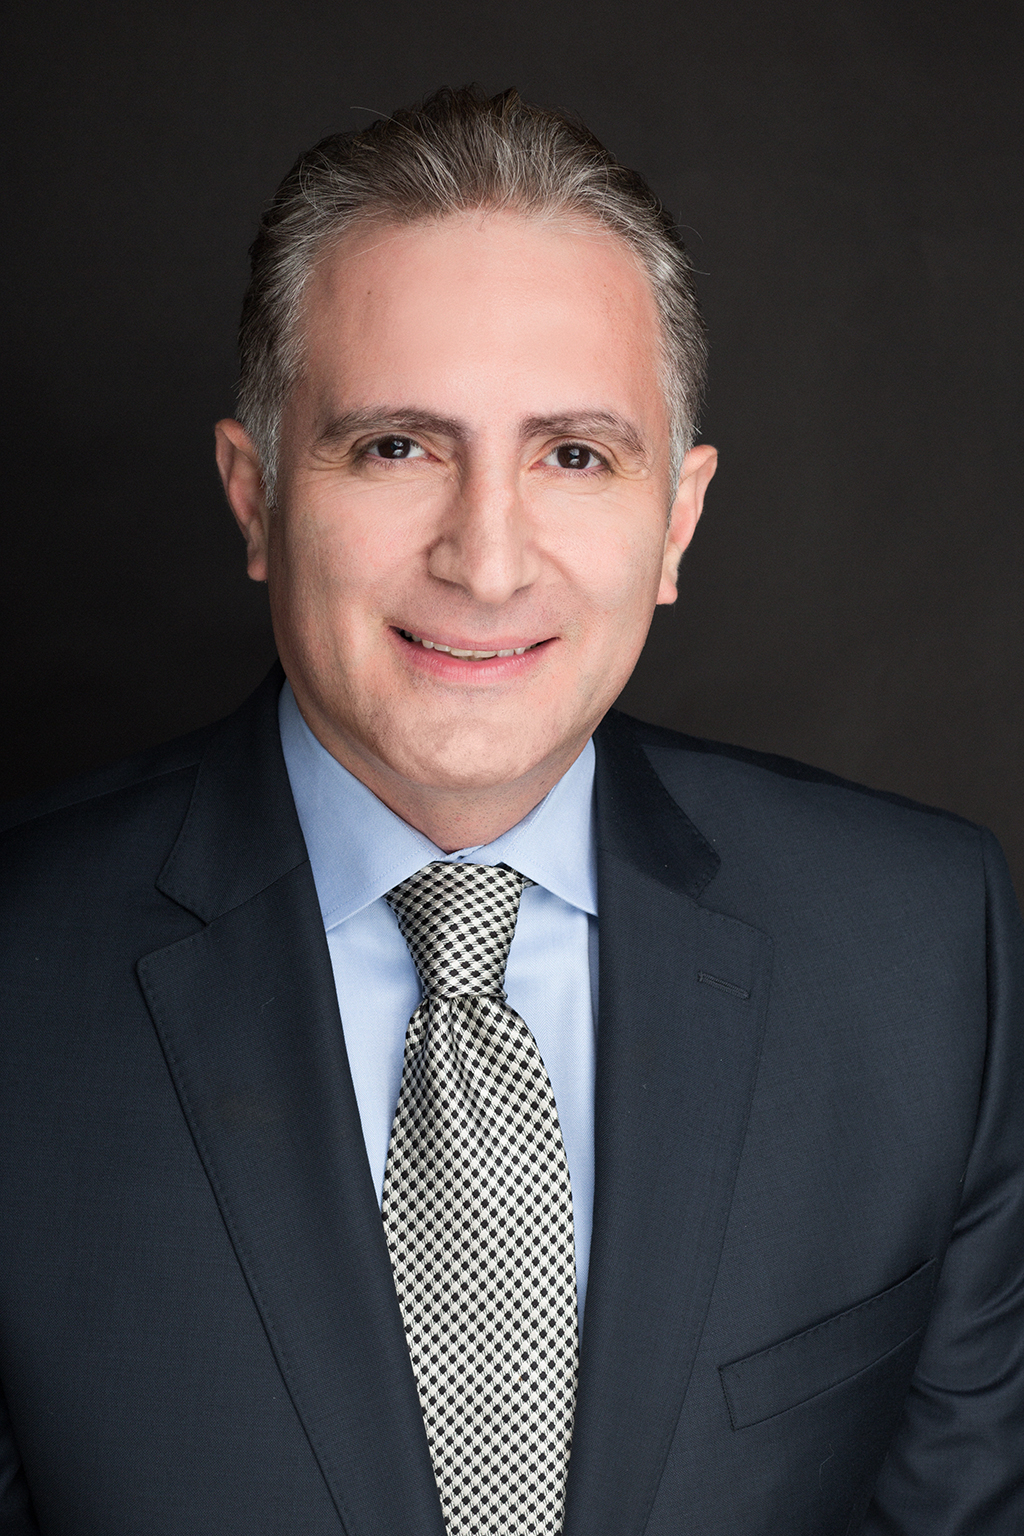 Kambiz Tajkarimi, MD